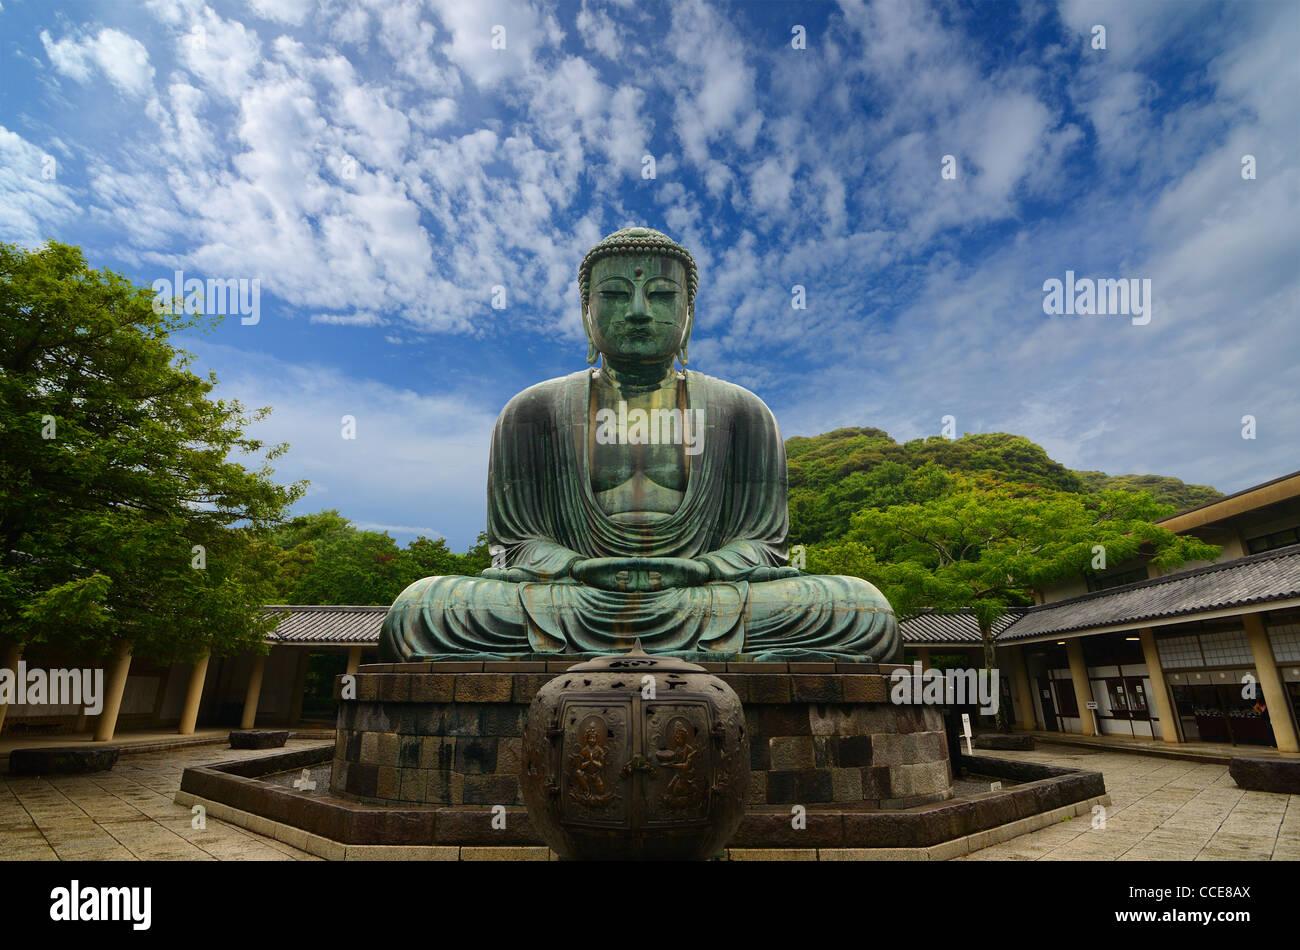 Kamakura Travel: Great Buddha (Daibutsu)